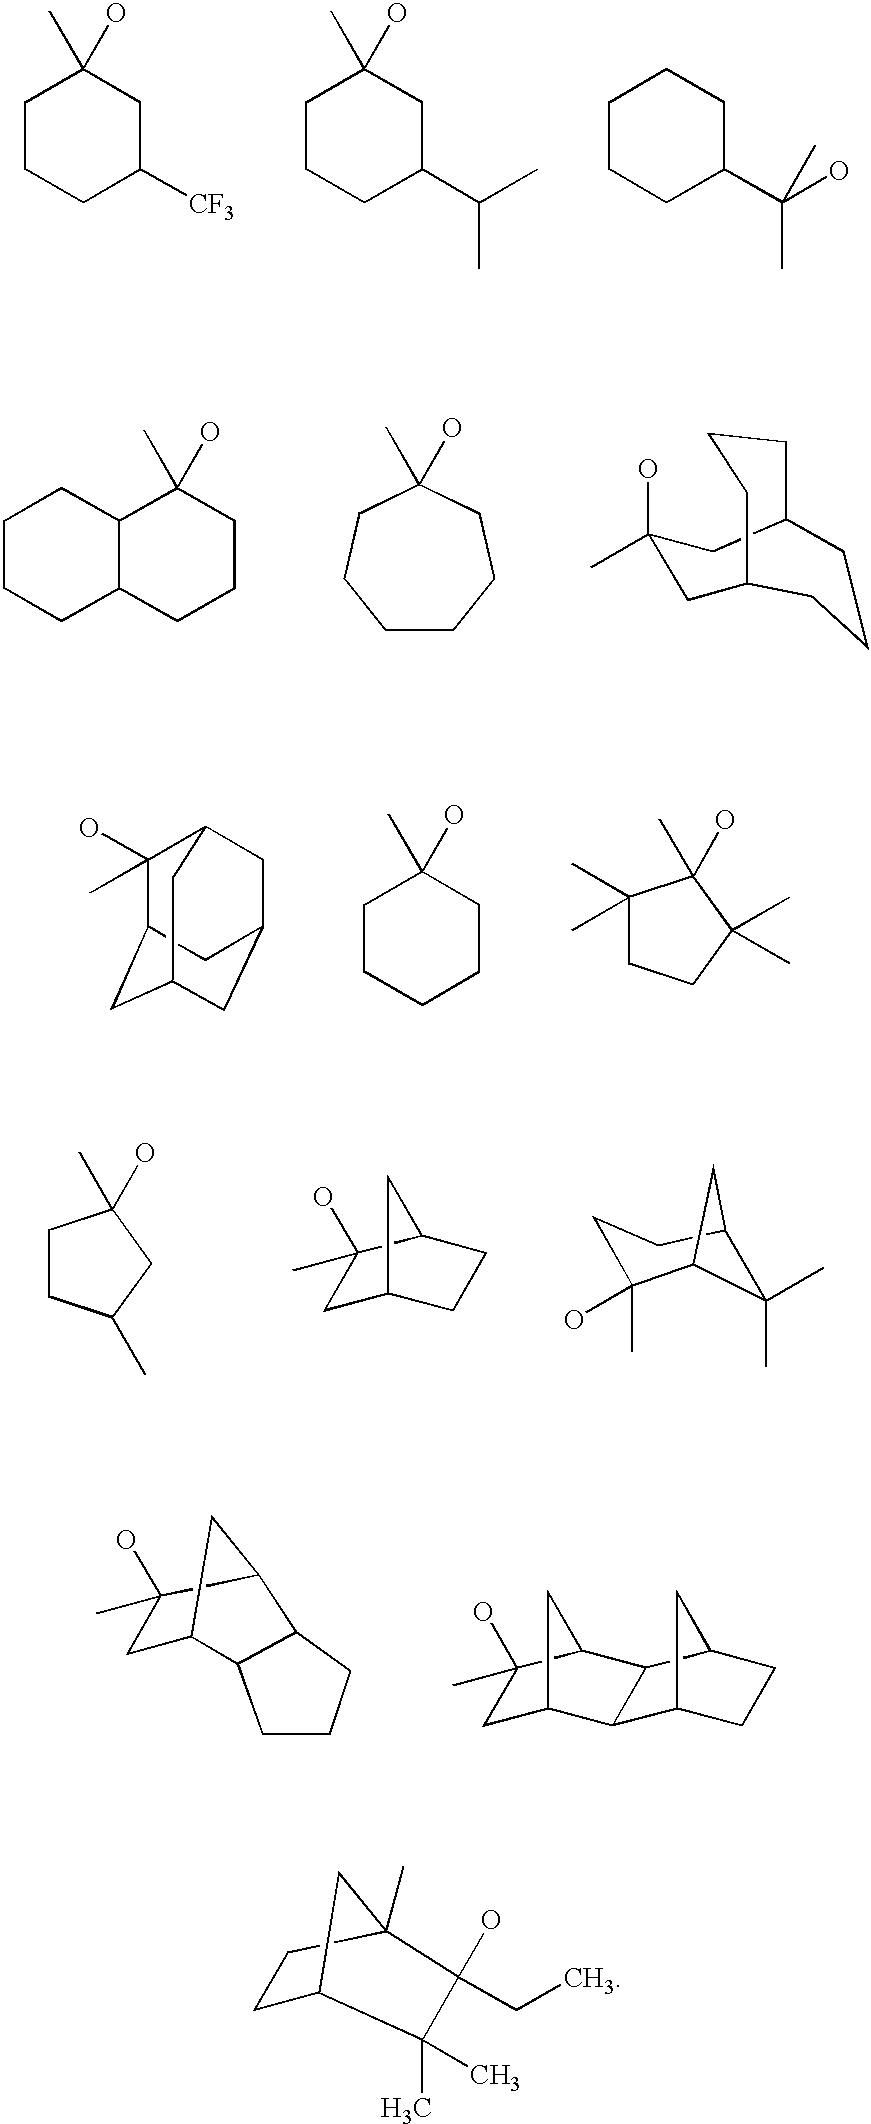 Figure US06692888-20040217-C00020